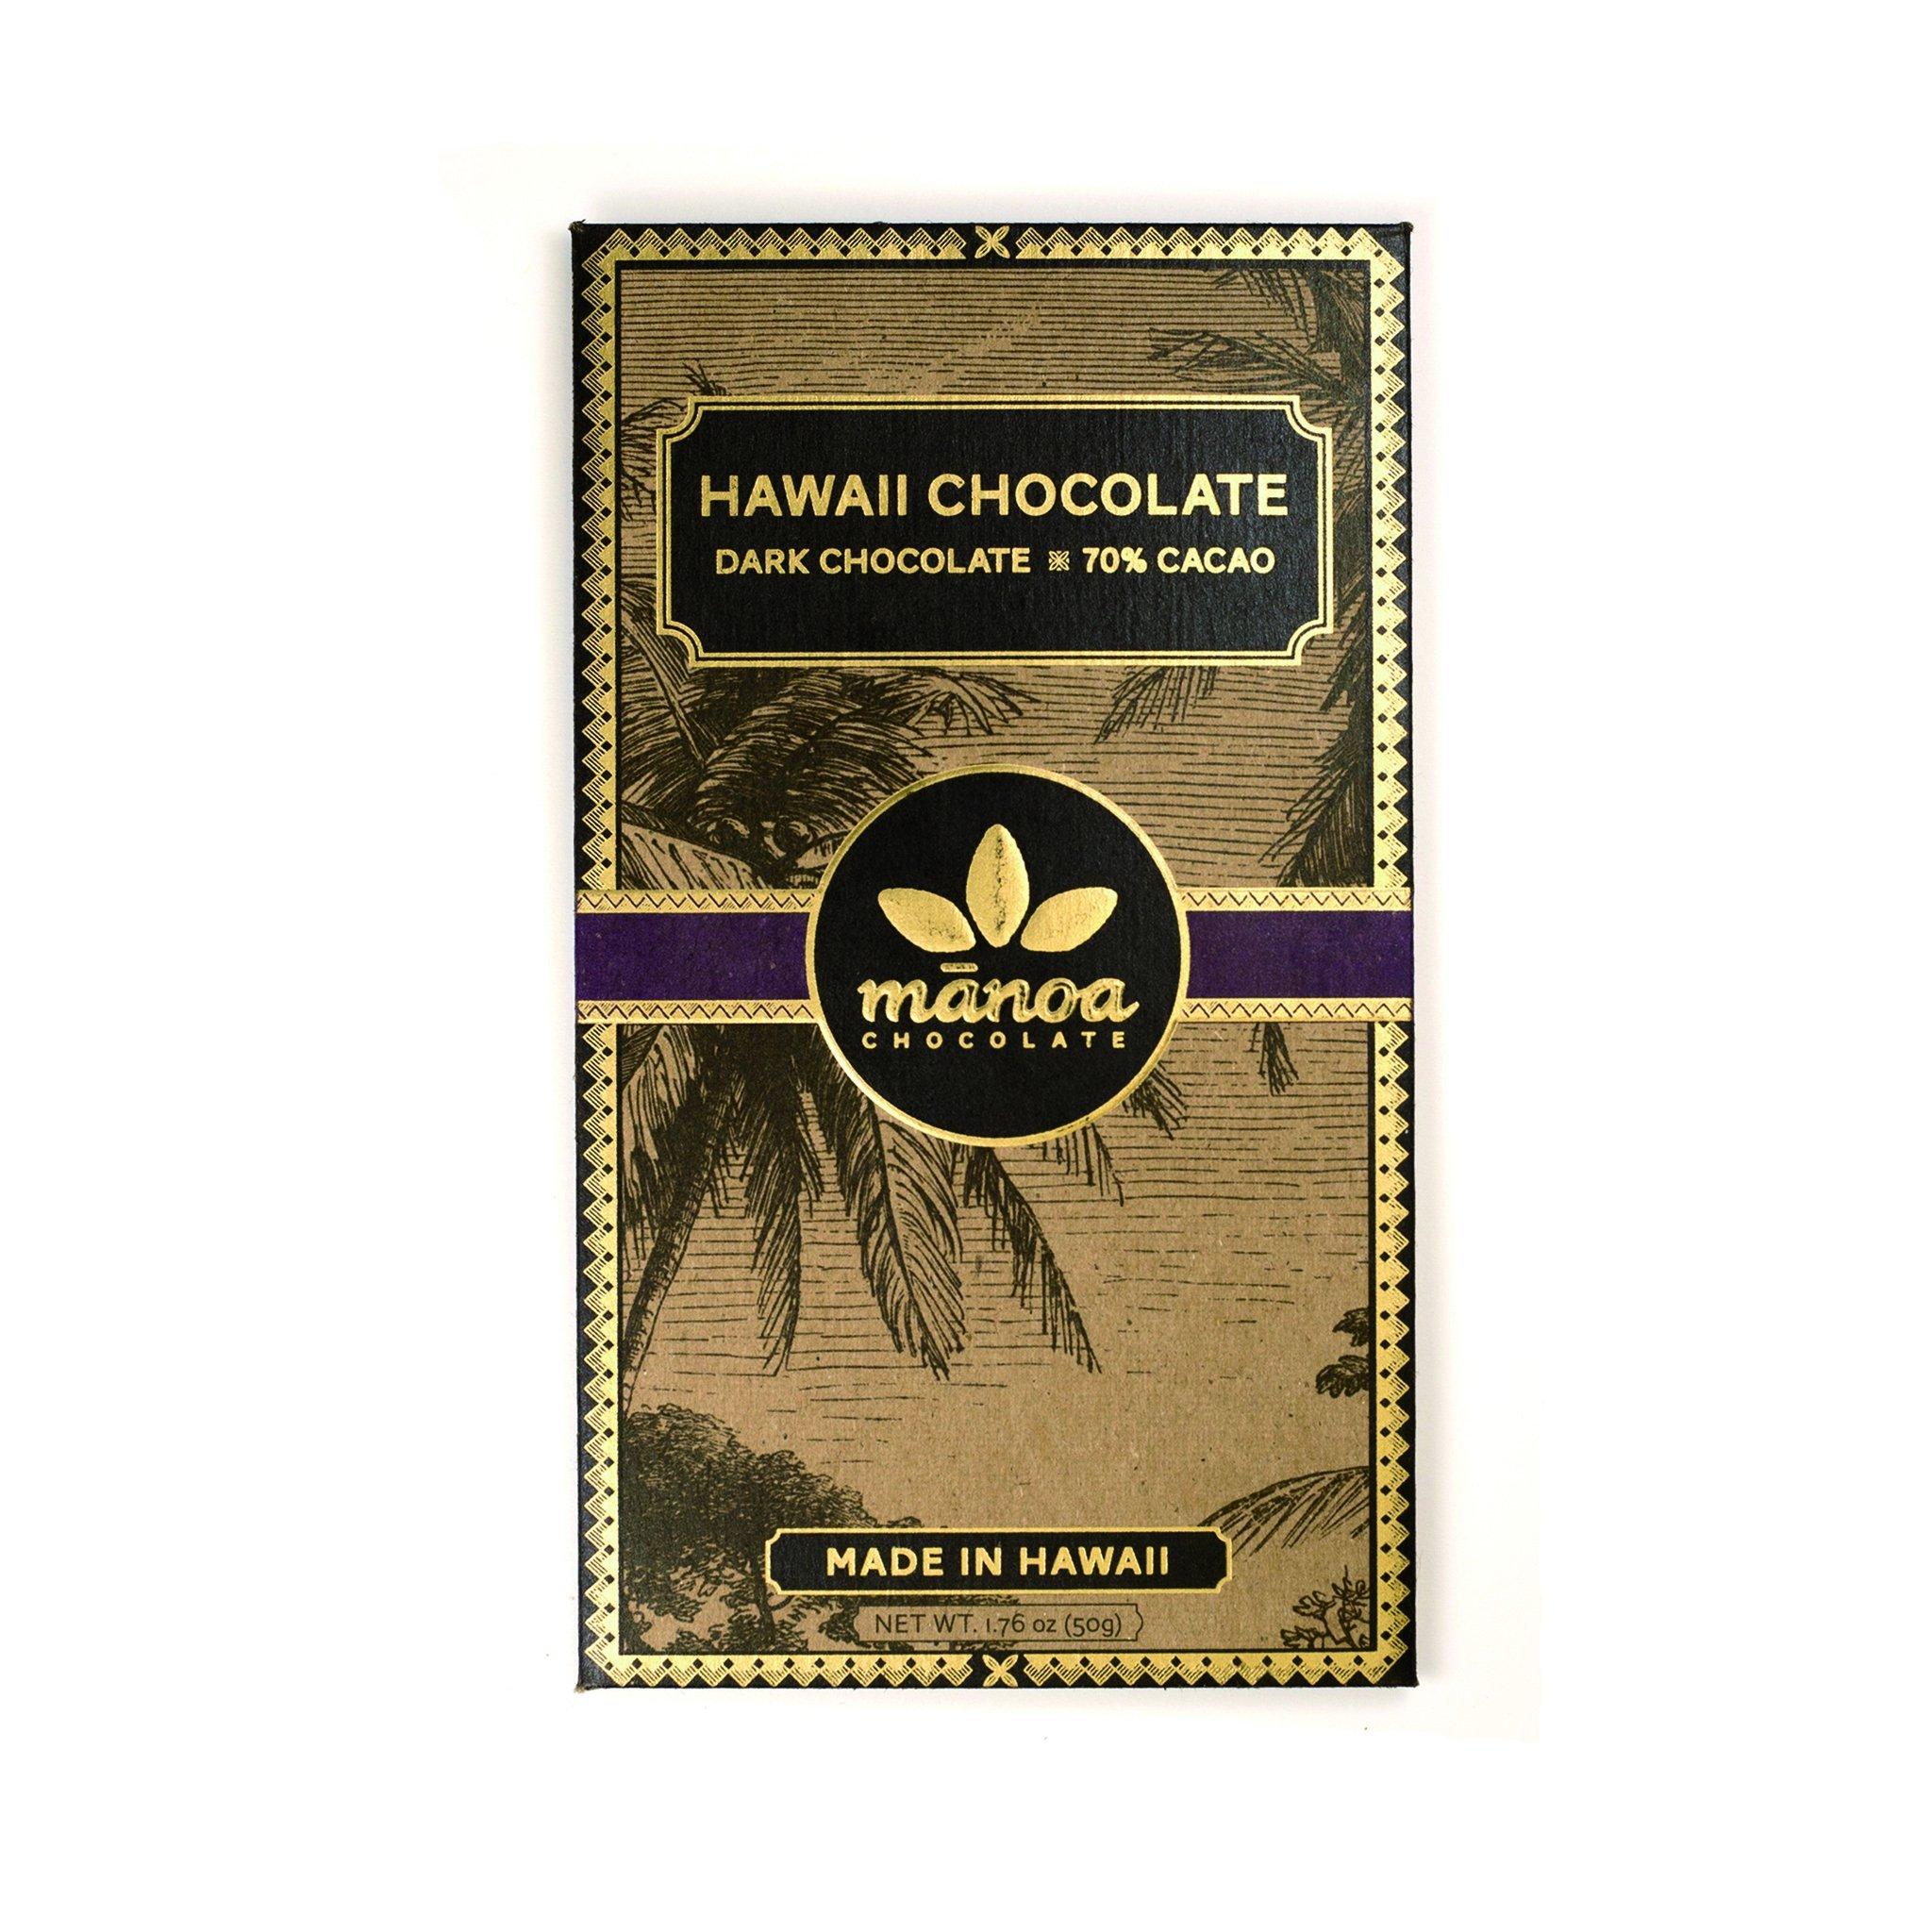 【manoa/マノア】 70%ハワイチョコレート ダーク